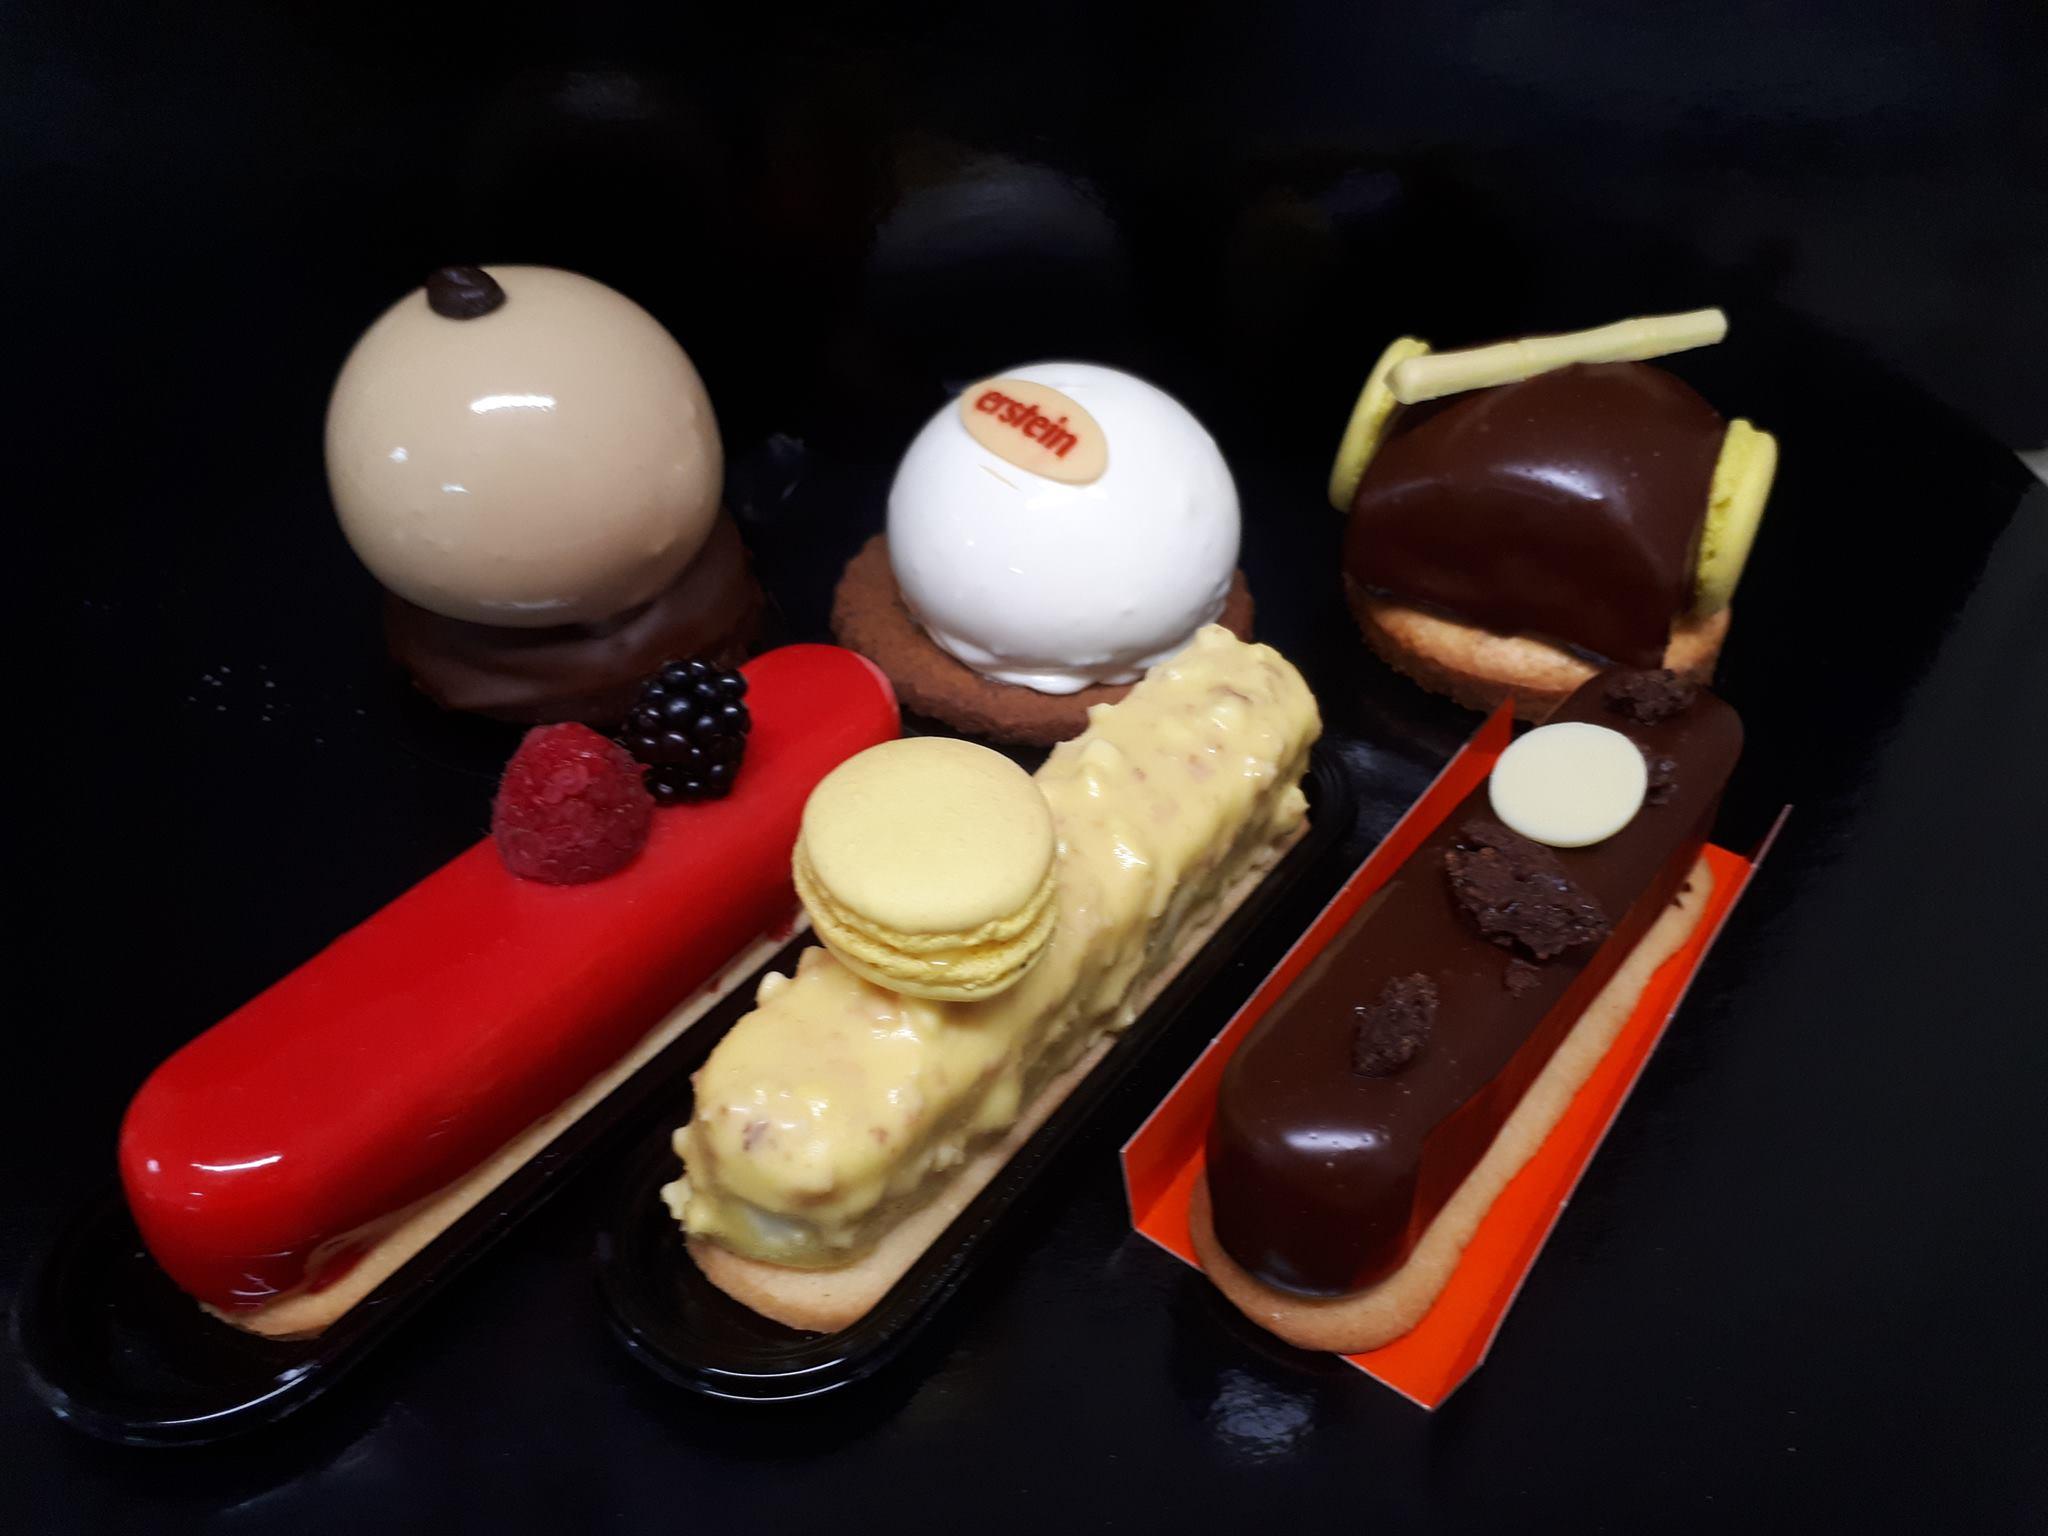 Salon de th p tisserie aux trois chocolats erstein for Salon patisserie